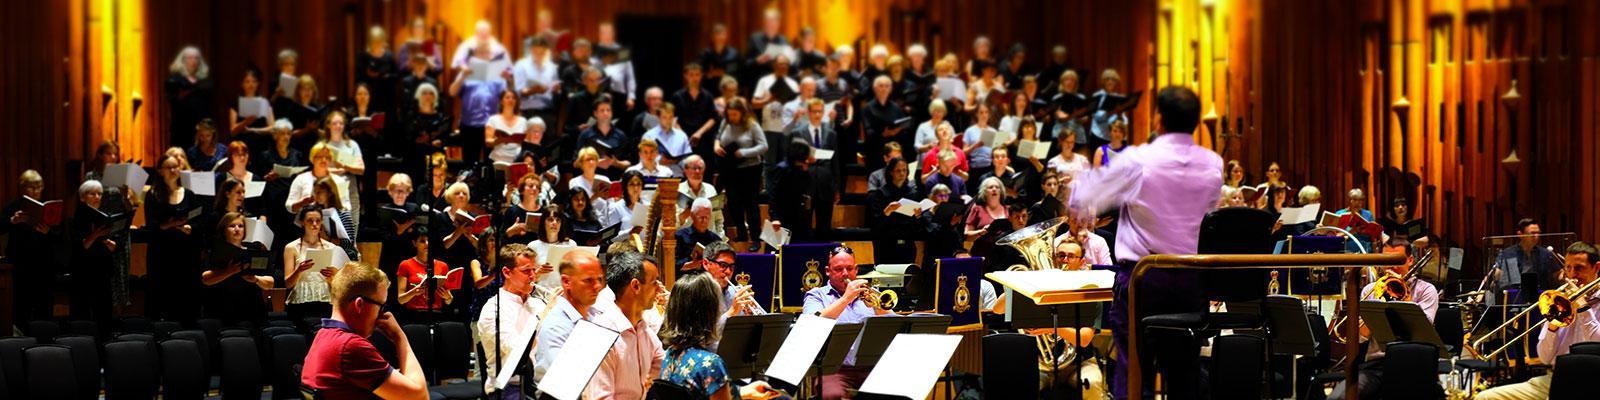 RAF100 Centenary Concert